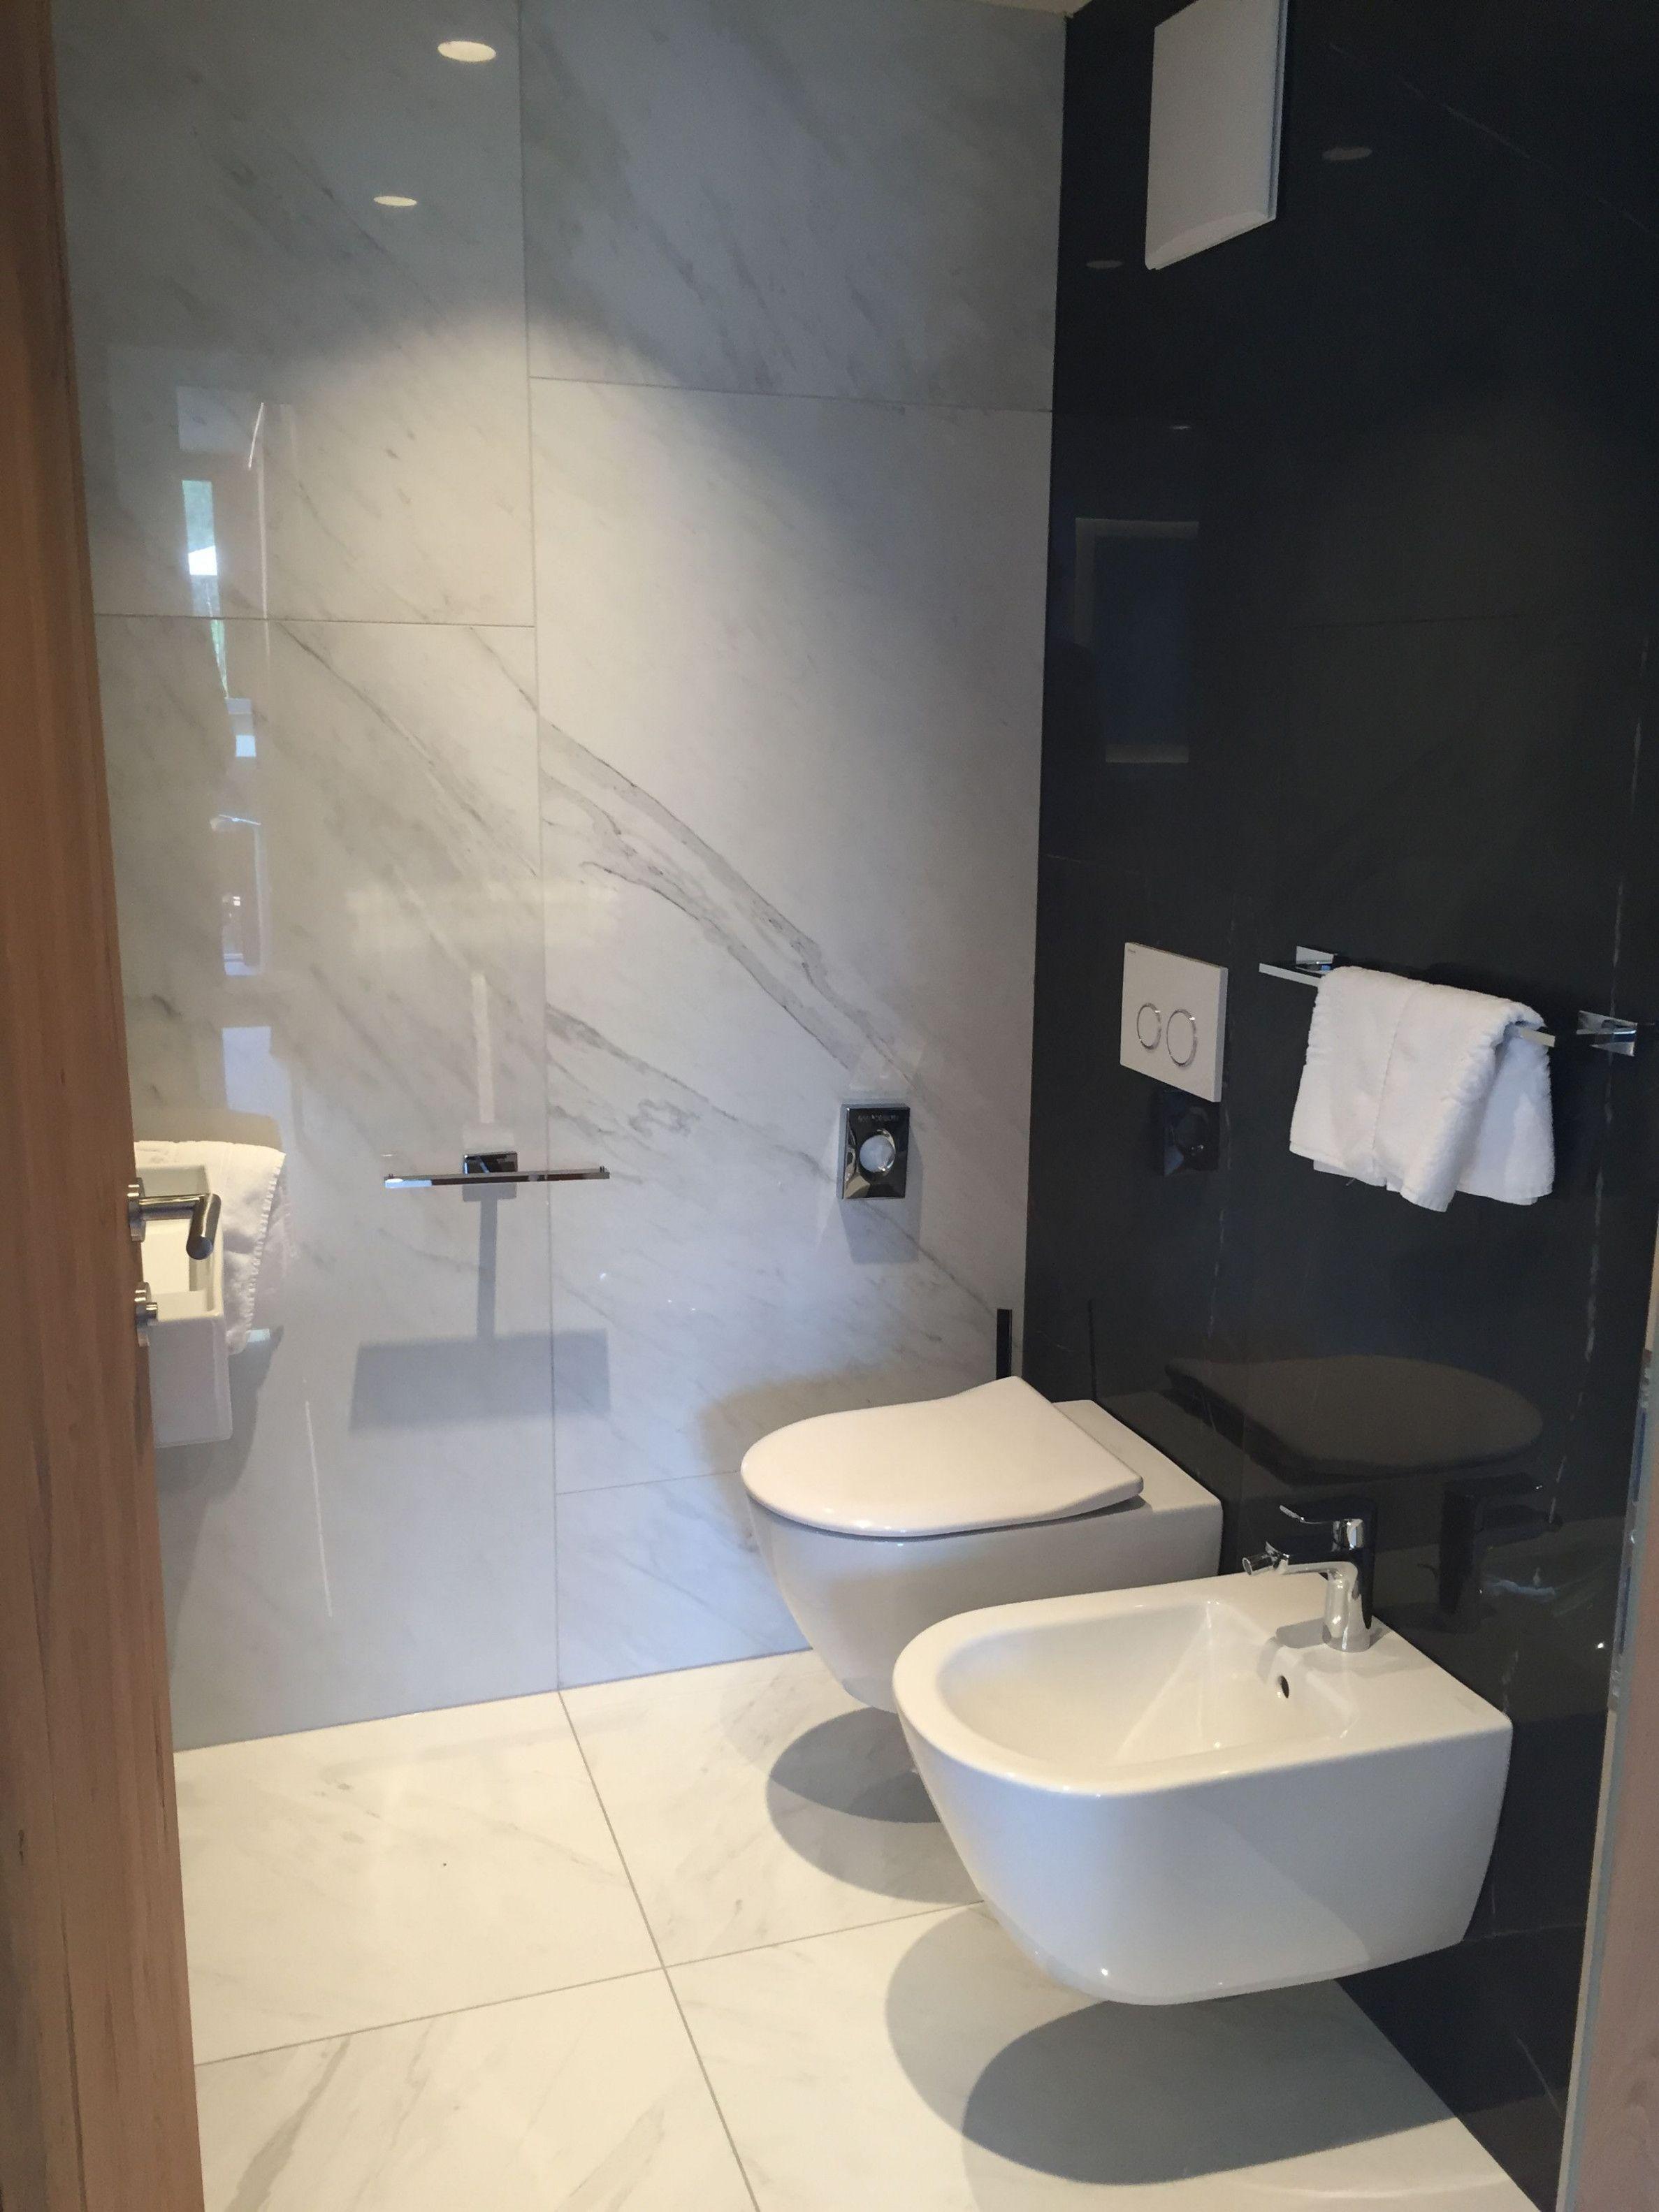 Die Teilnahme An Bathroom Tile Xxl Kann Eine Katastrophe Sein Wenn Sie Dies Tun Schlafzimmer Ideen Badezimmer Fliesen Xxl Schlafzimmer